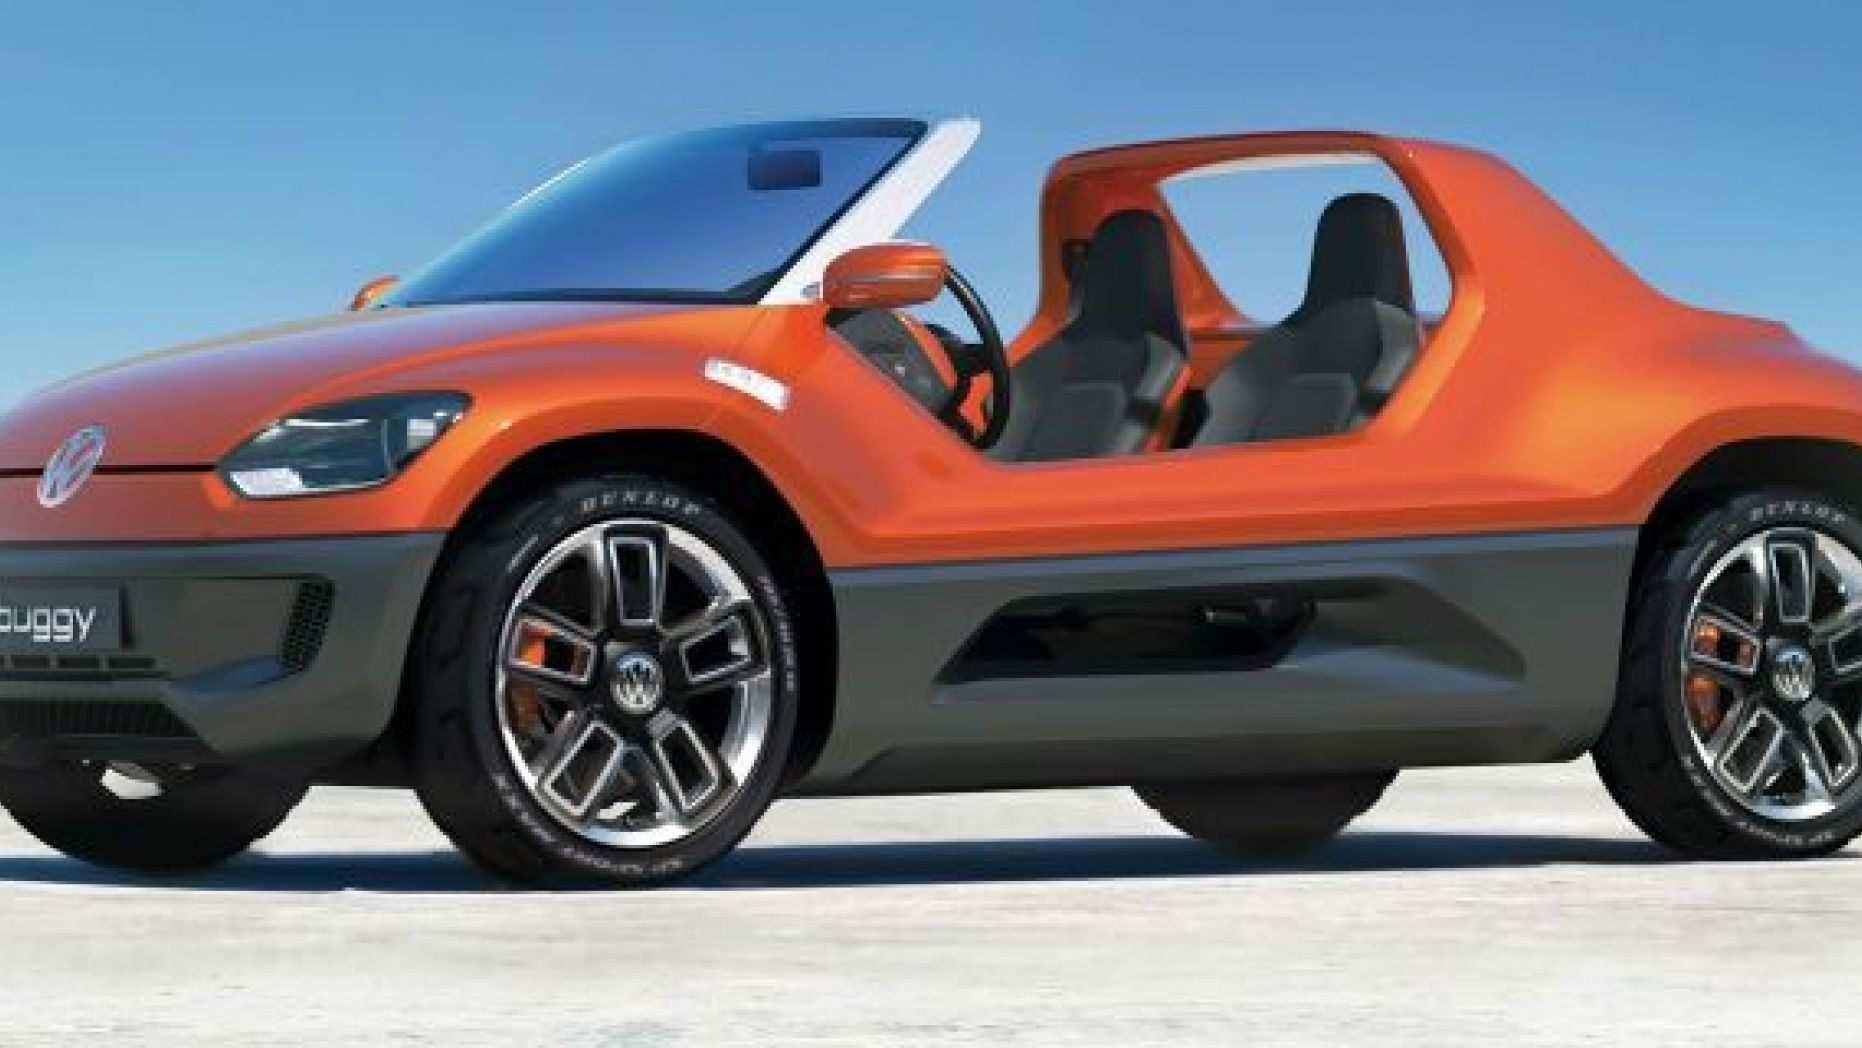 20 Best Review 2020 Volkswagen Dune Buggy Spy Shoot with 2020 Volkswagen Dune Buggy